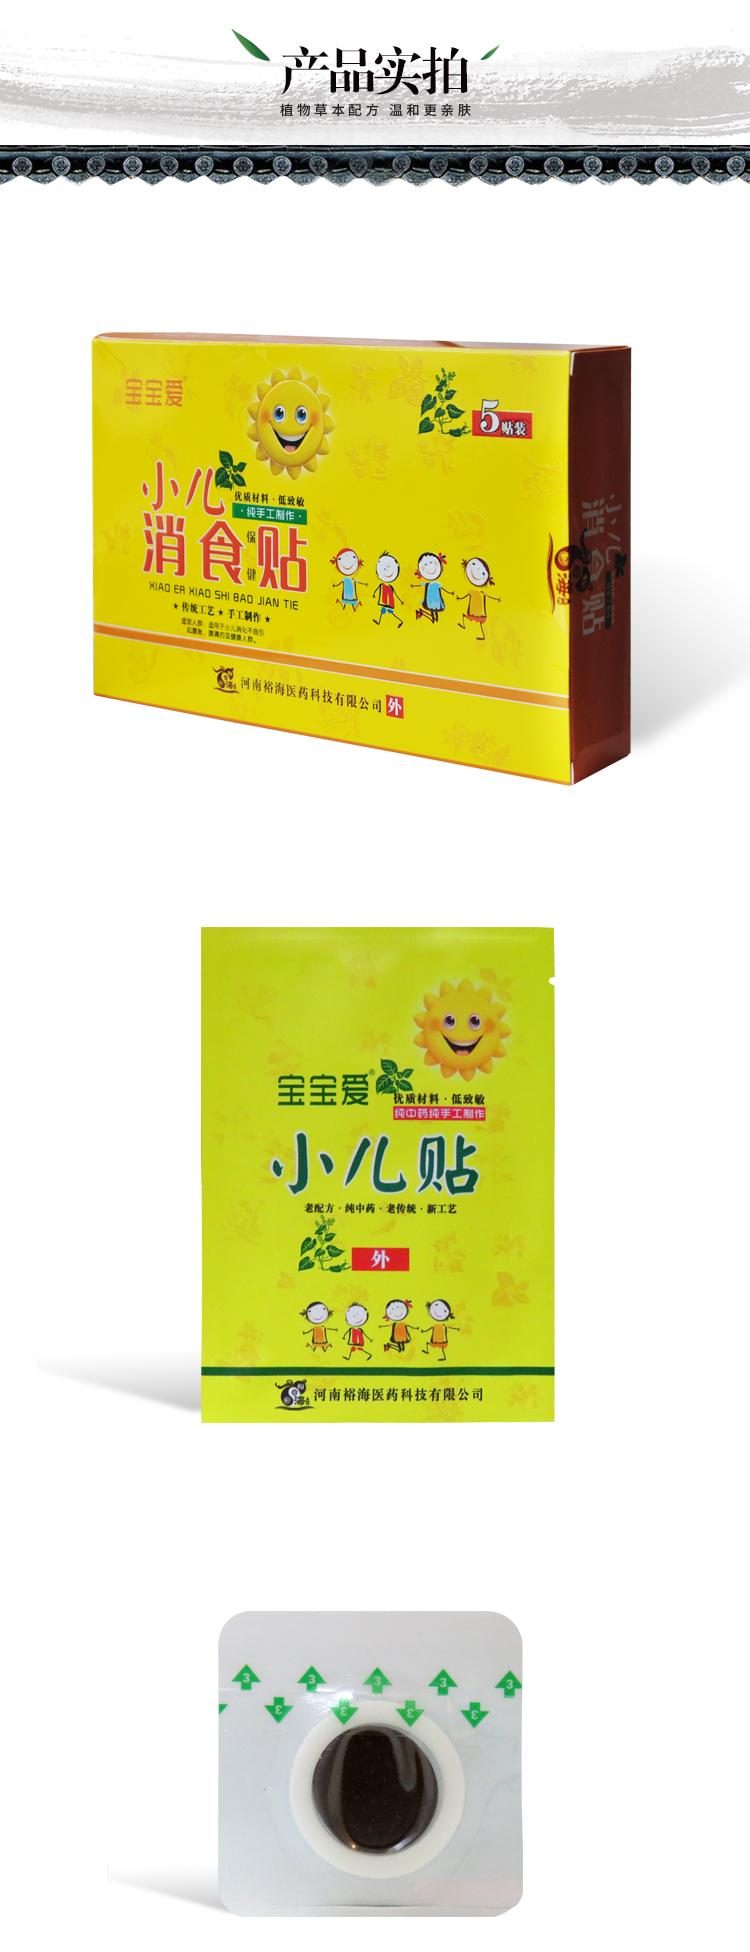 宝宝爱-小儿消食保健贴_07